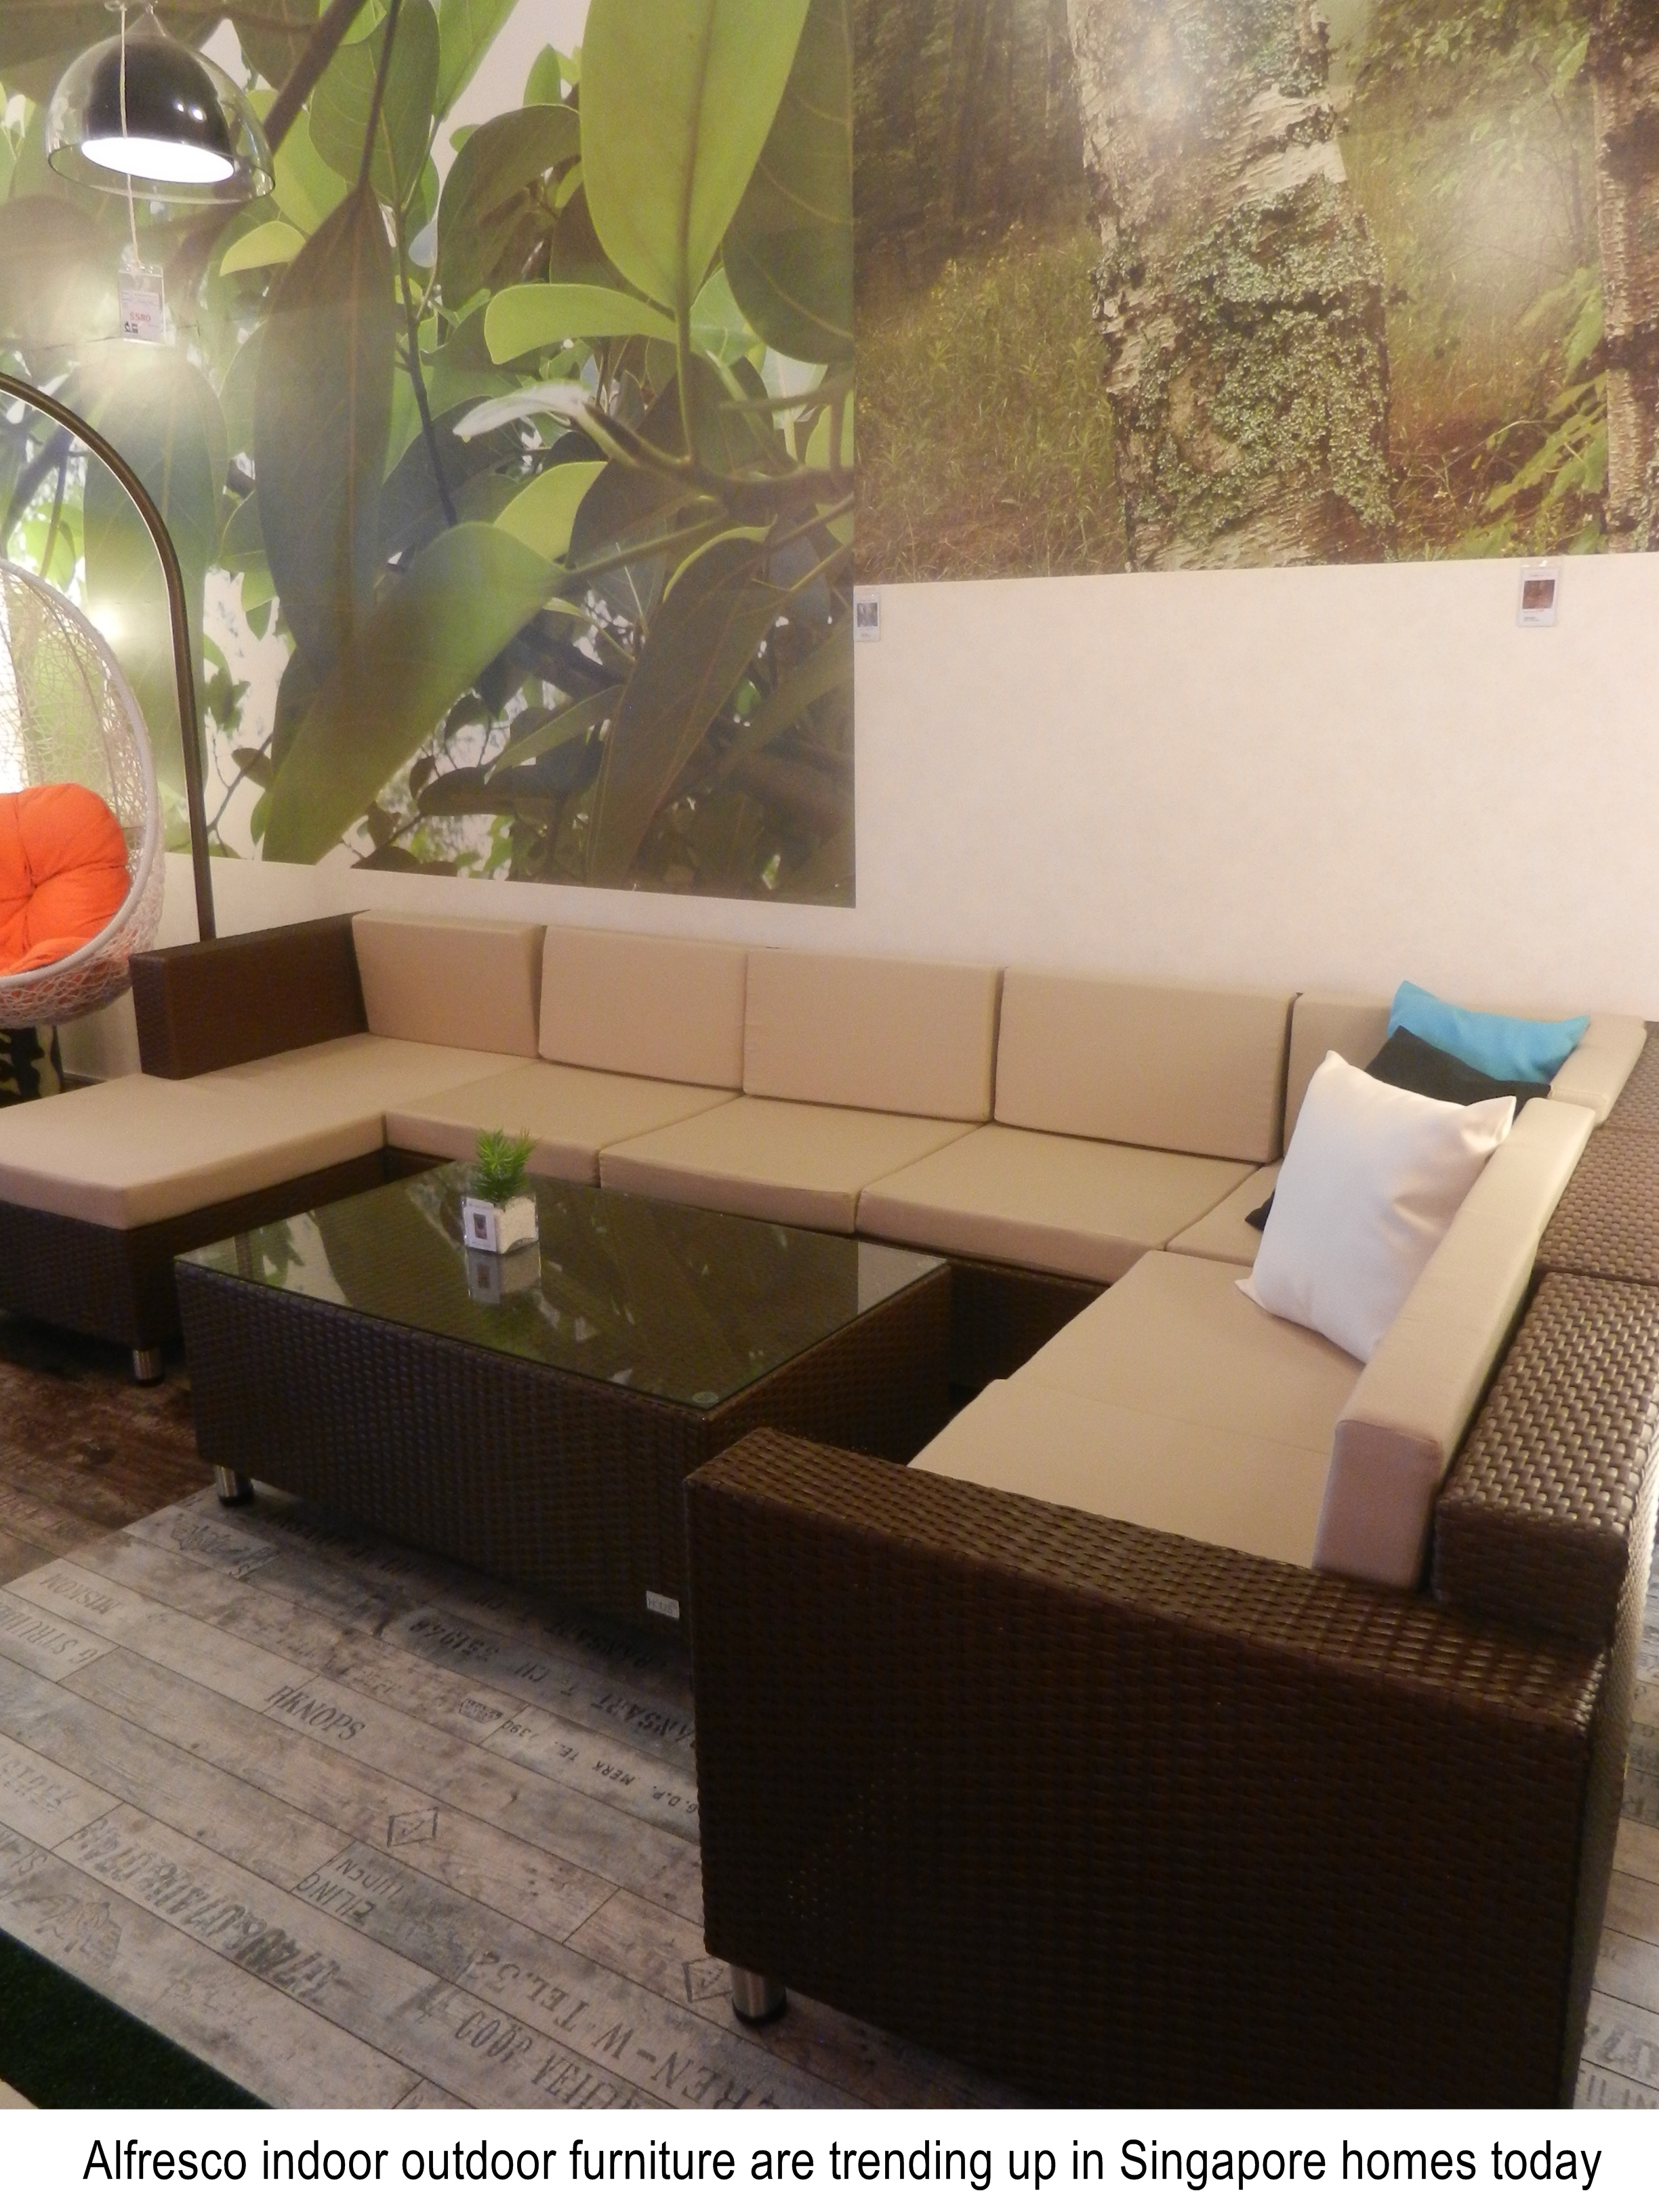 Alfresco Furniture Trends In Singapore